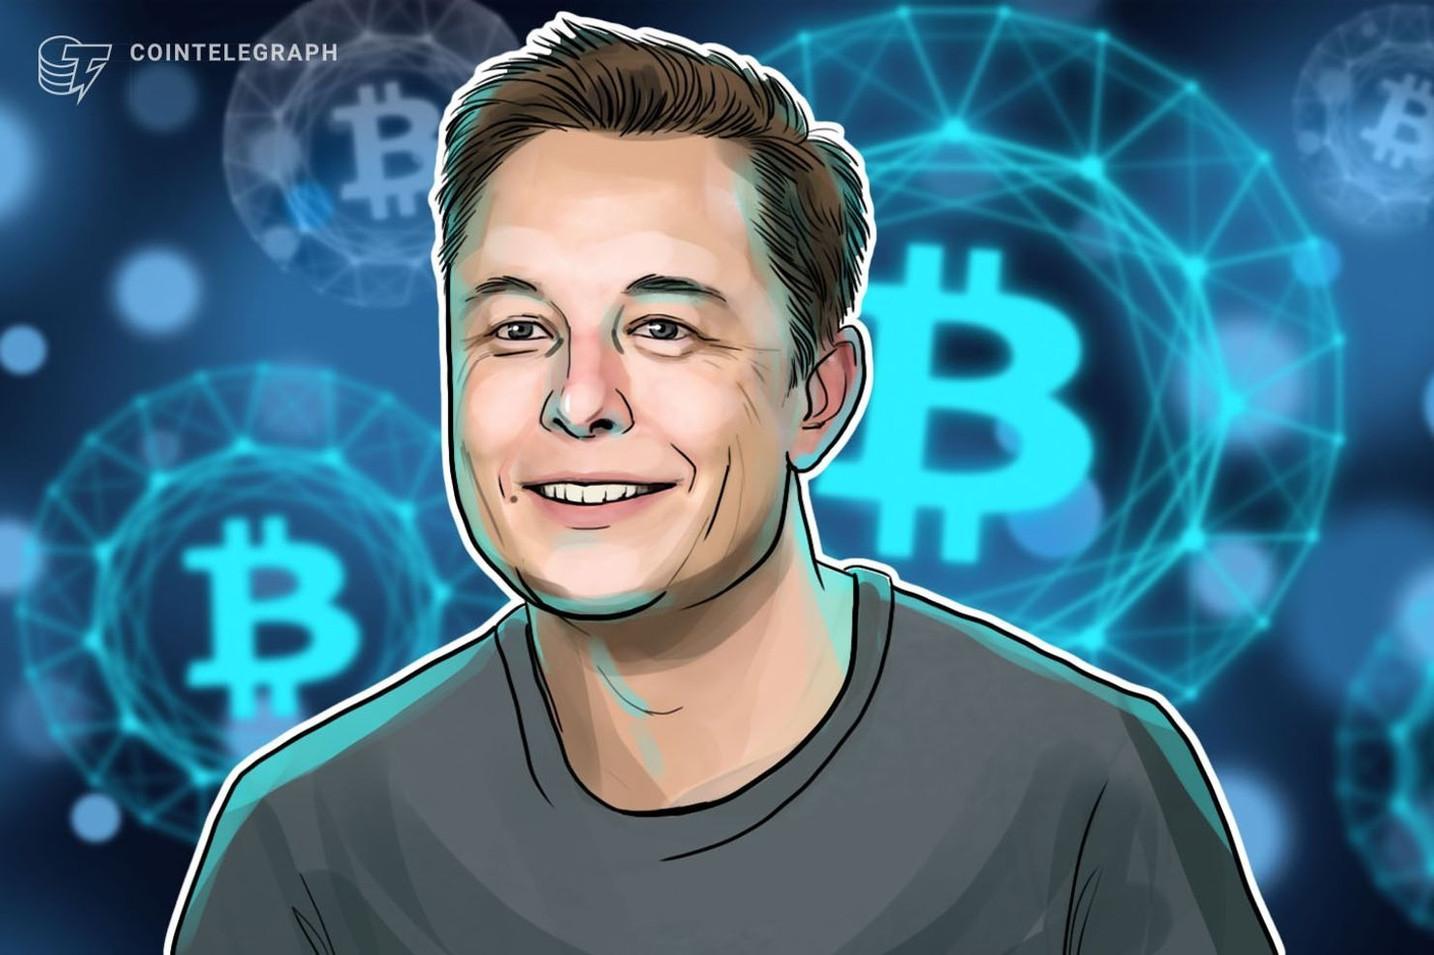 イーロン・マスク氏、「サトシは賢い」|仮想通貨ビットコインへの考え話す【ニュース】